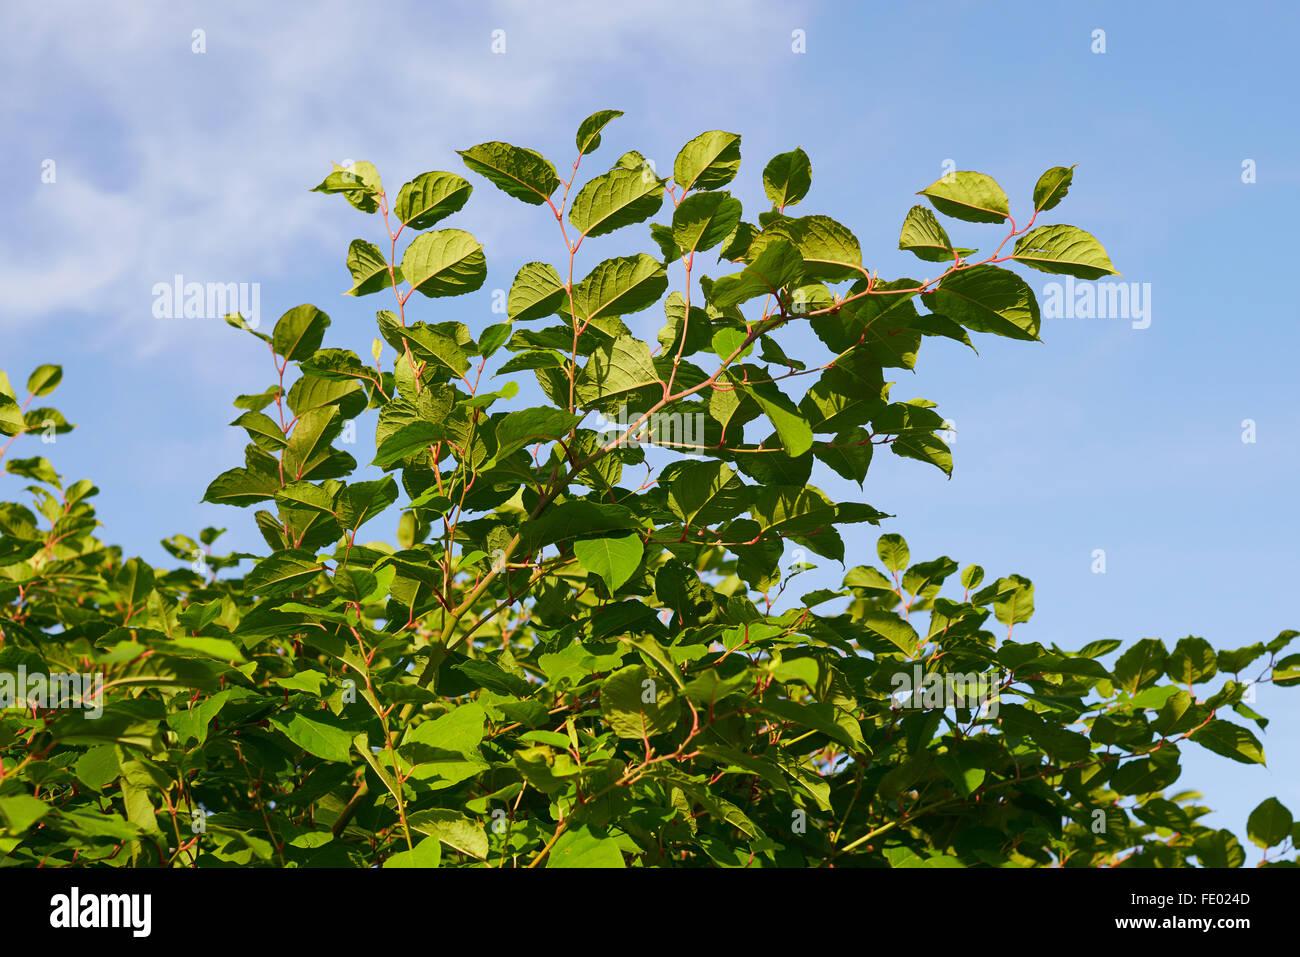 Sakhalin Knotweed or Fallopia sachalinensis in summer - Stock Image